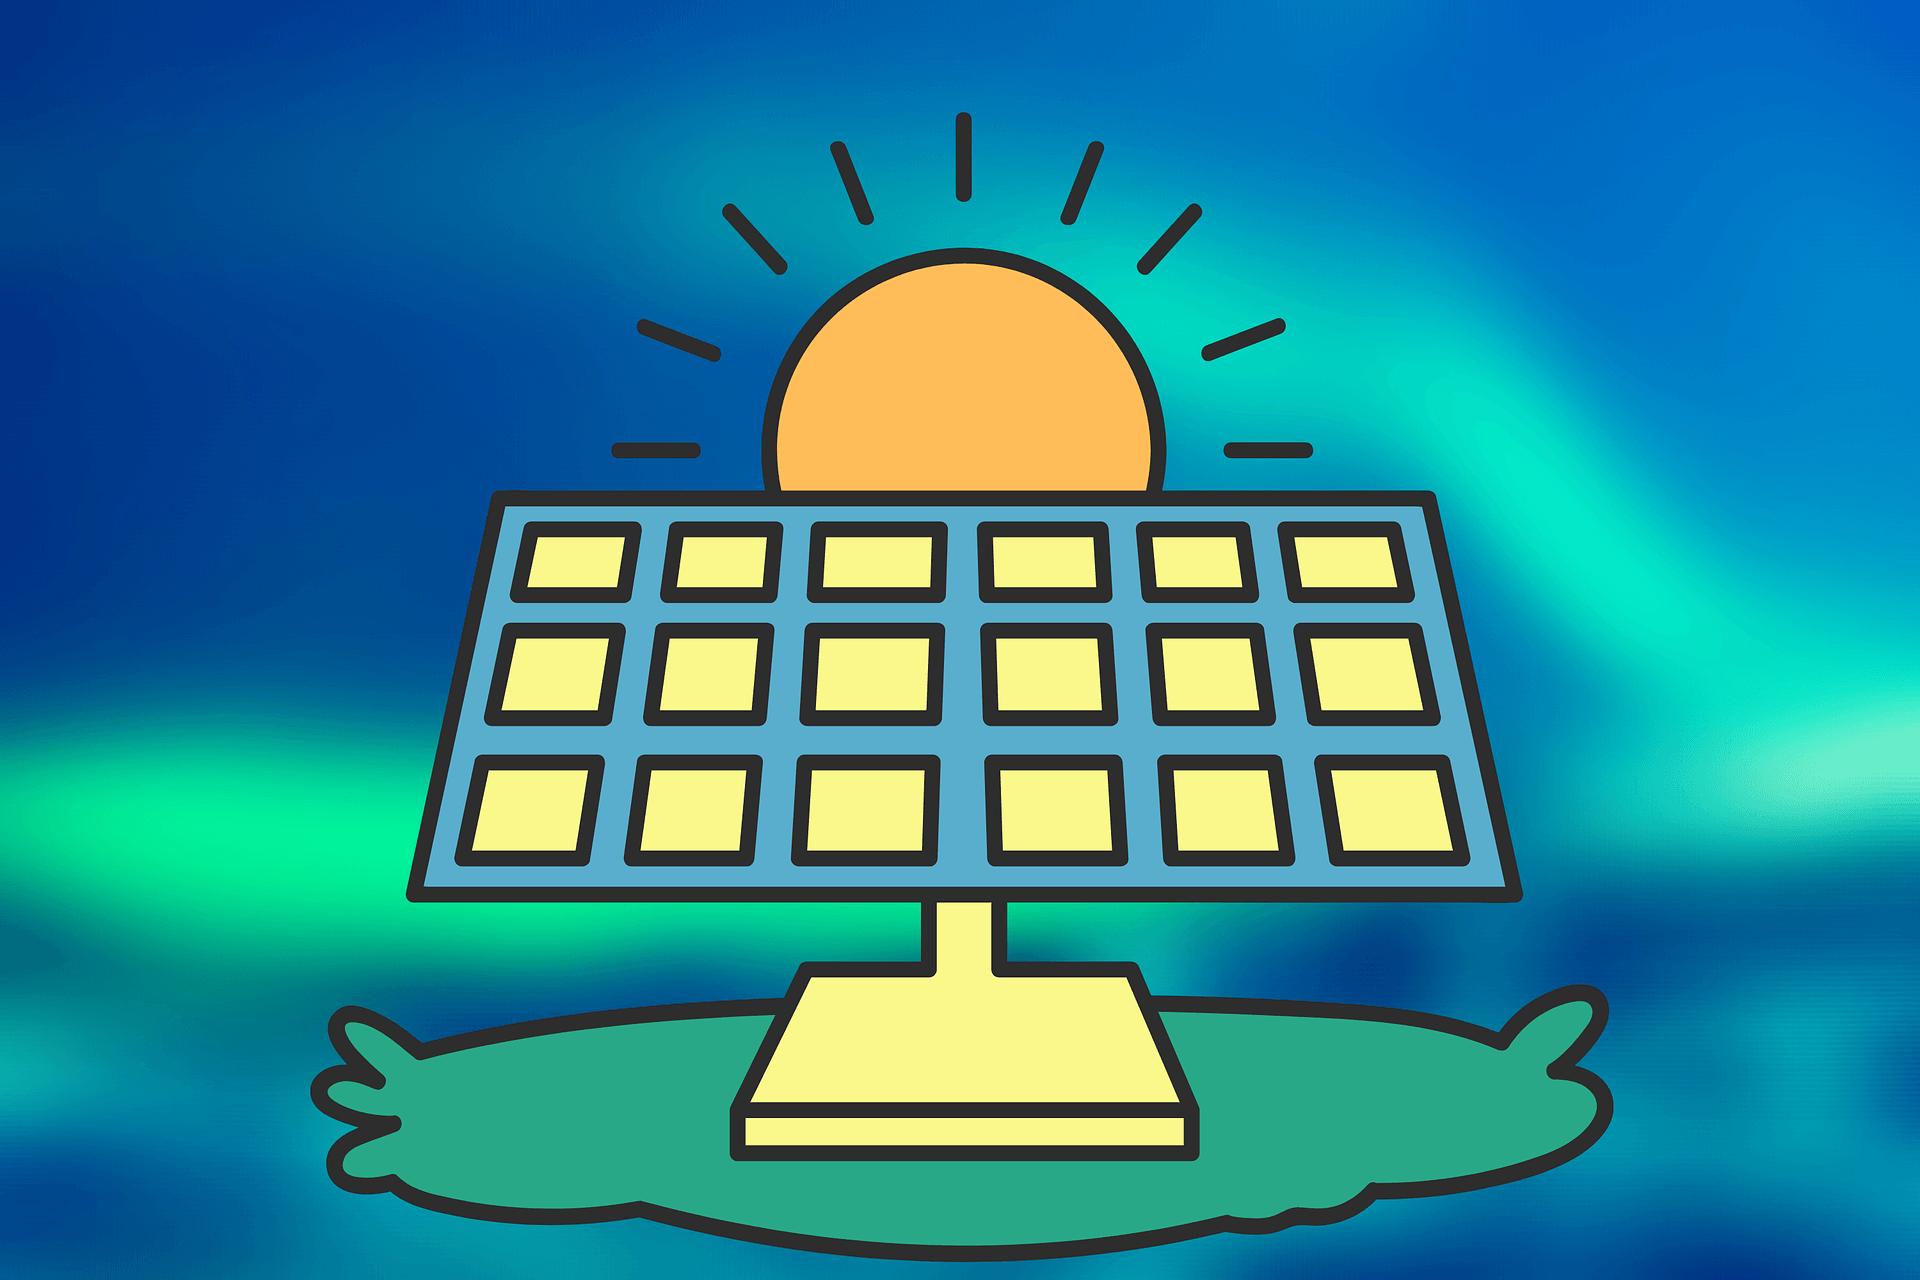 Analisi degli impianti fotovoltaici in Italia